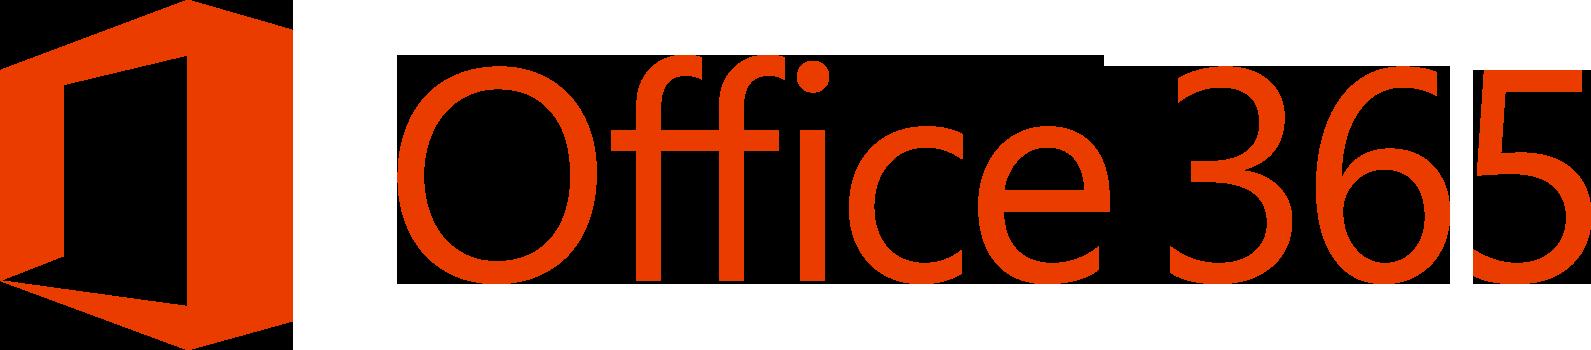 Office 365 droższy, ale nie dla wszystkich